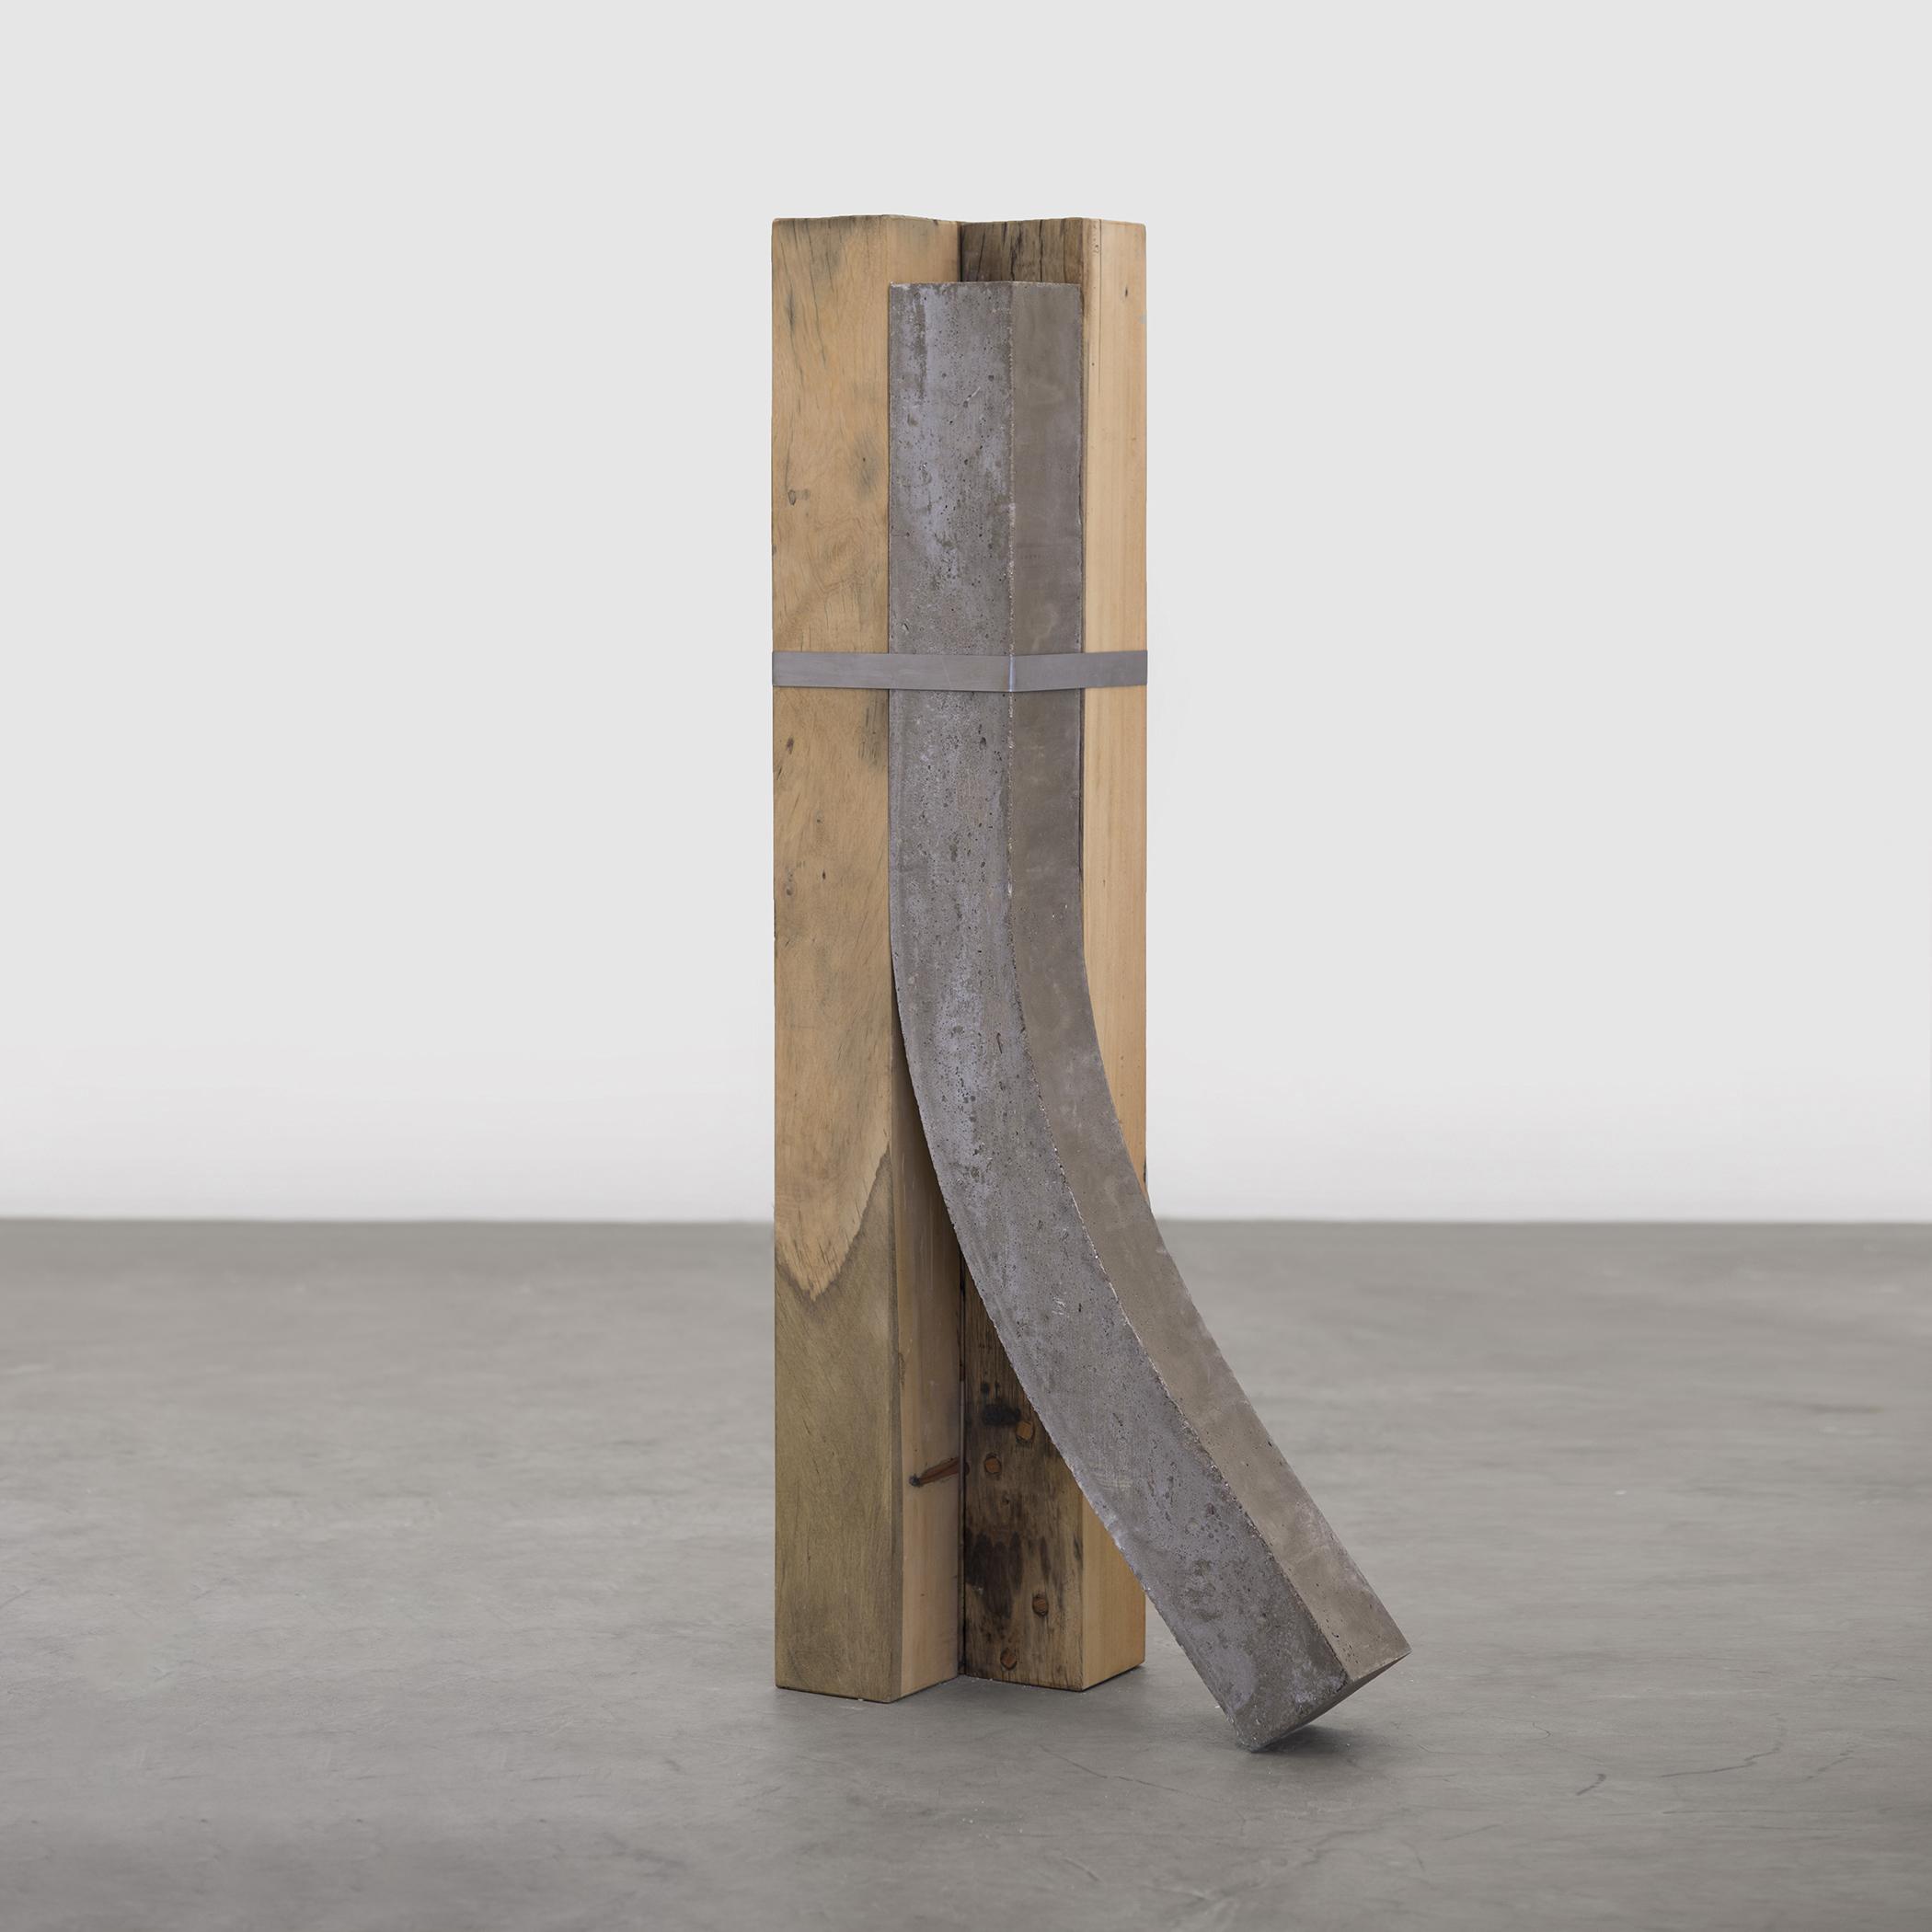 sem título (coluna)II , 2017  madeira, concreto armado, ferro, parafusos  170 x 60 x 35 cm  edição de 2 + PA